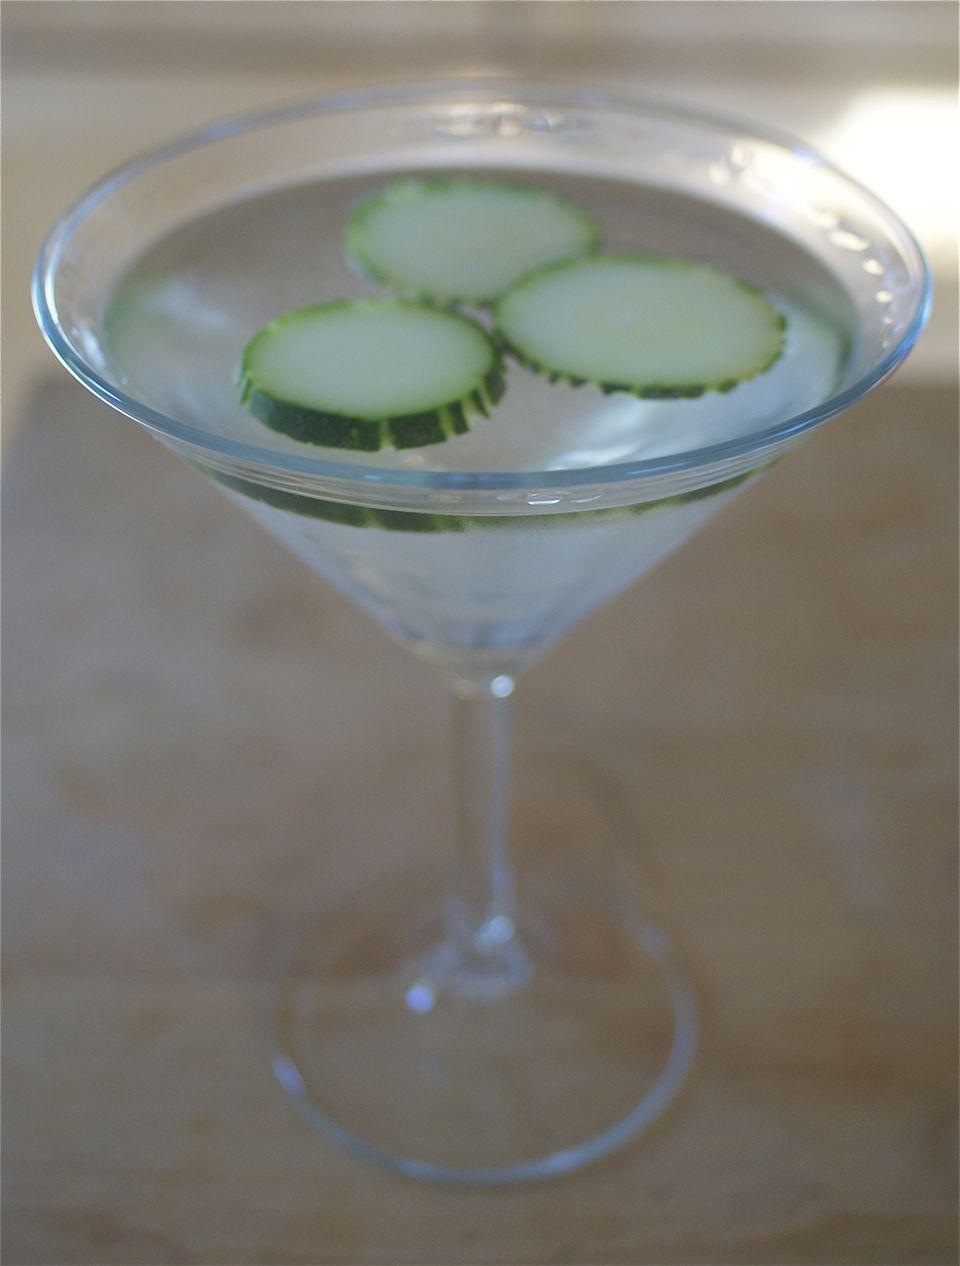 Cucumber-Infused Martini